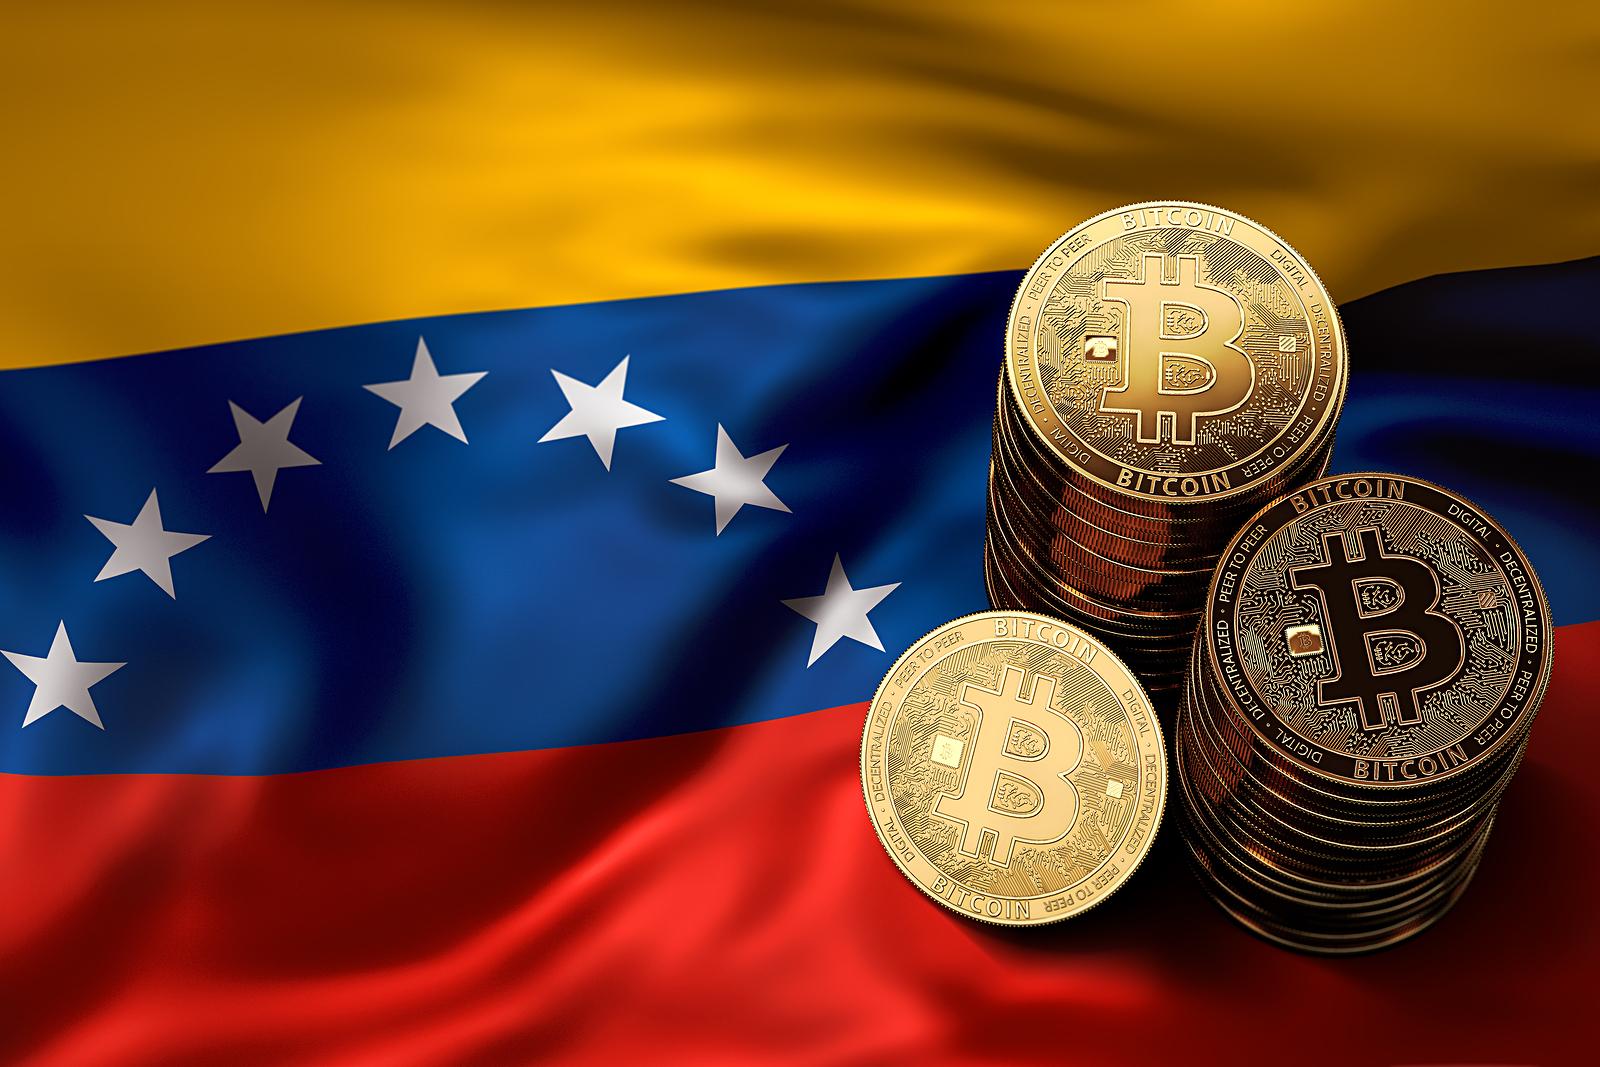 Администратор цифровой валюты Венесуэлы El Petro под прицелом Властей США